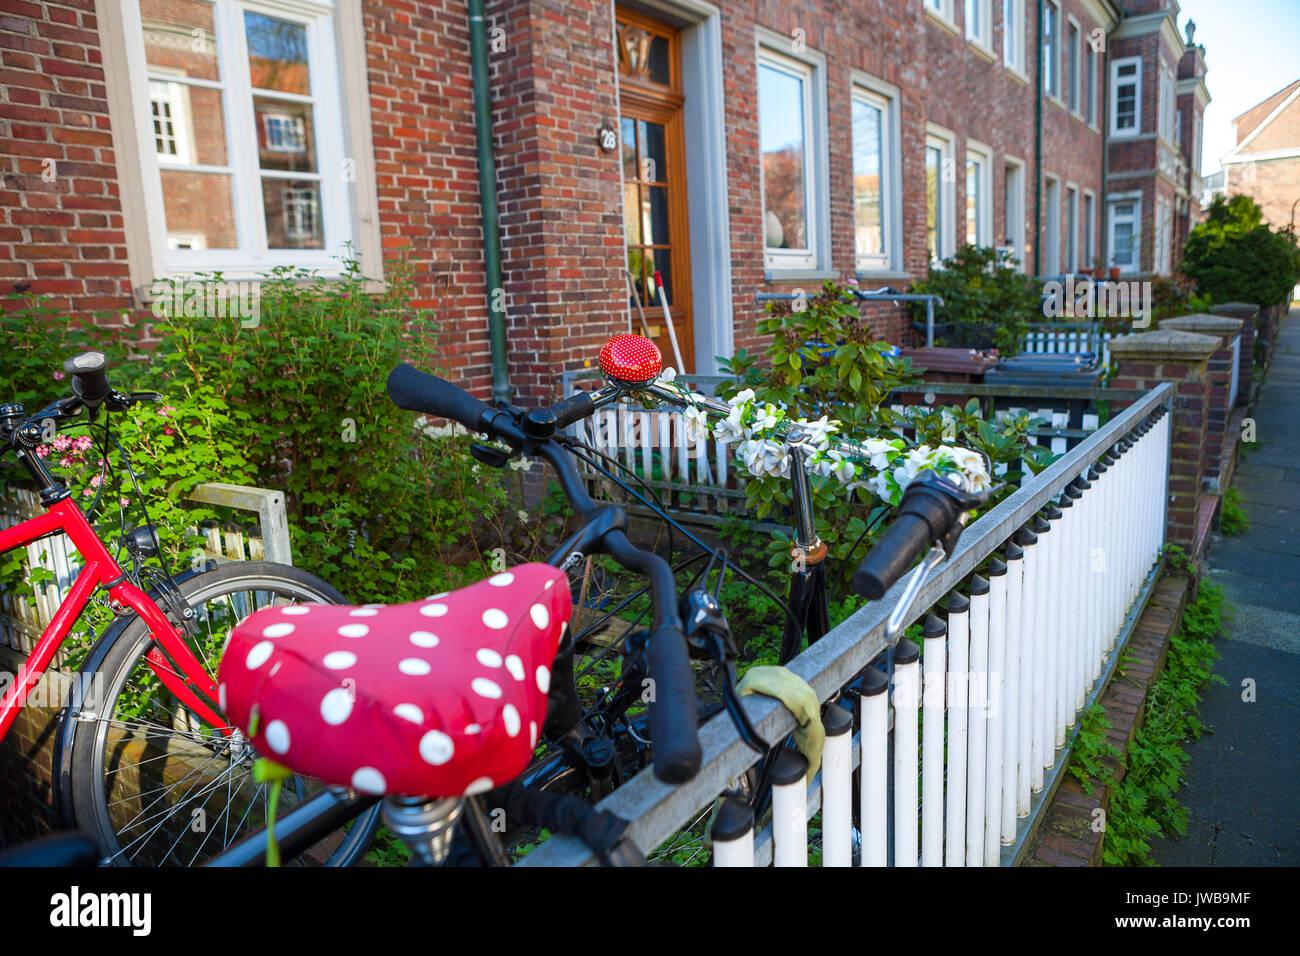 Alte Fahrrader Befestigt Um Den Zaun In Der Nahe Der Wand Eines